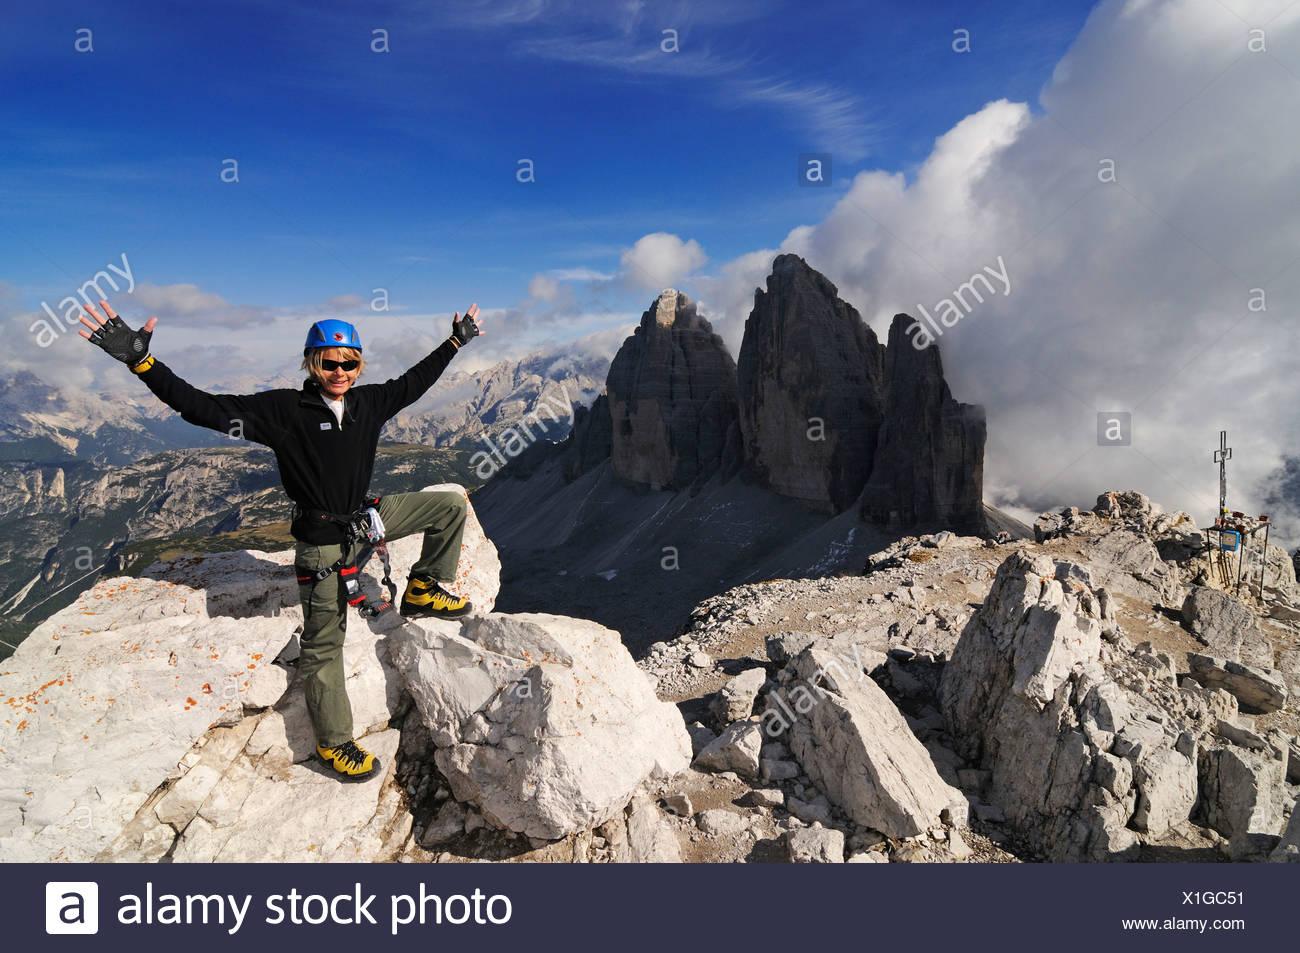 Klettersteig Paternkofel : Teenager auf den paternkofel klettersteig hier stehen dem